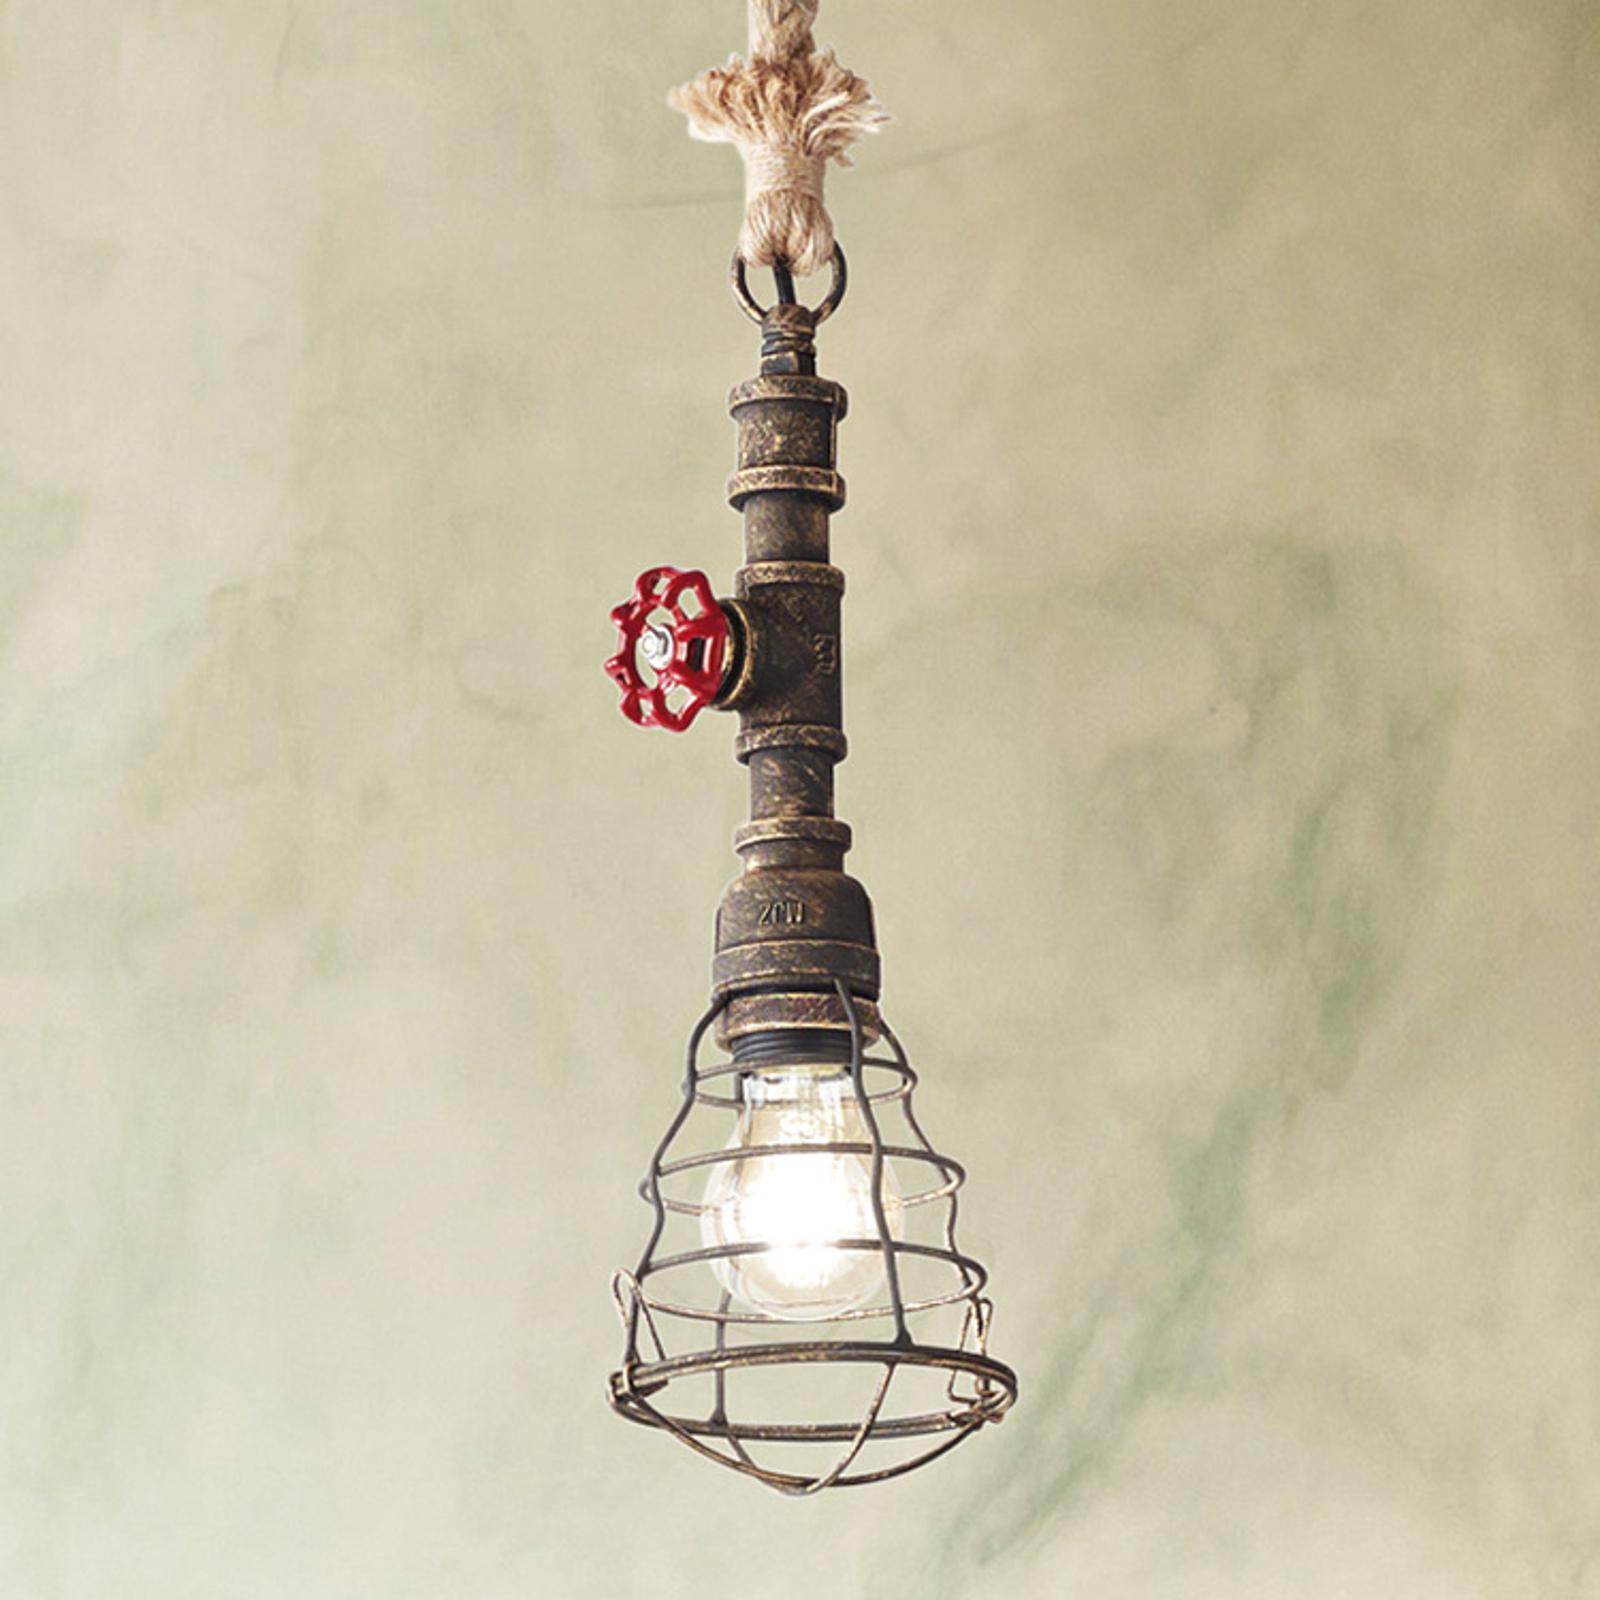 Lampa wisząca Idros z kloszem klatkowym